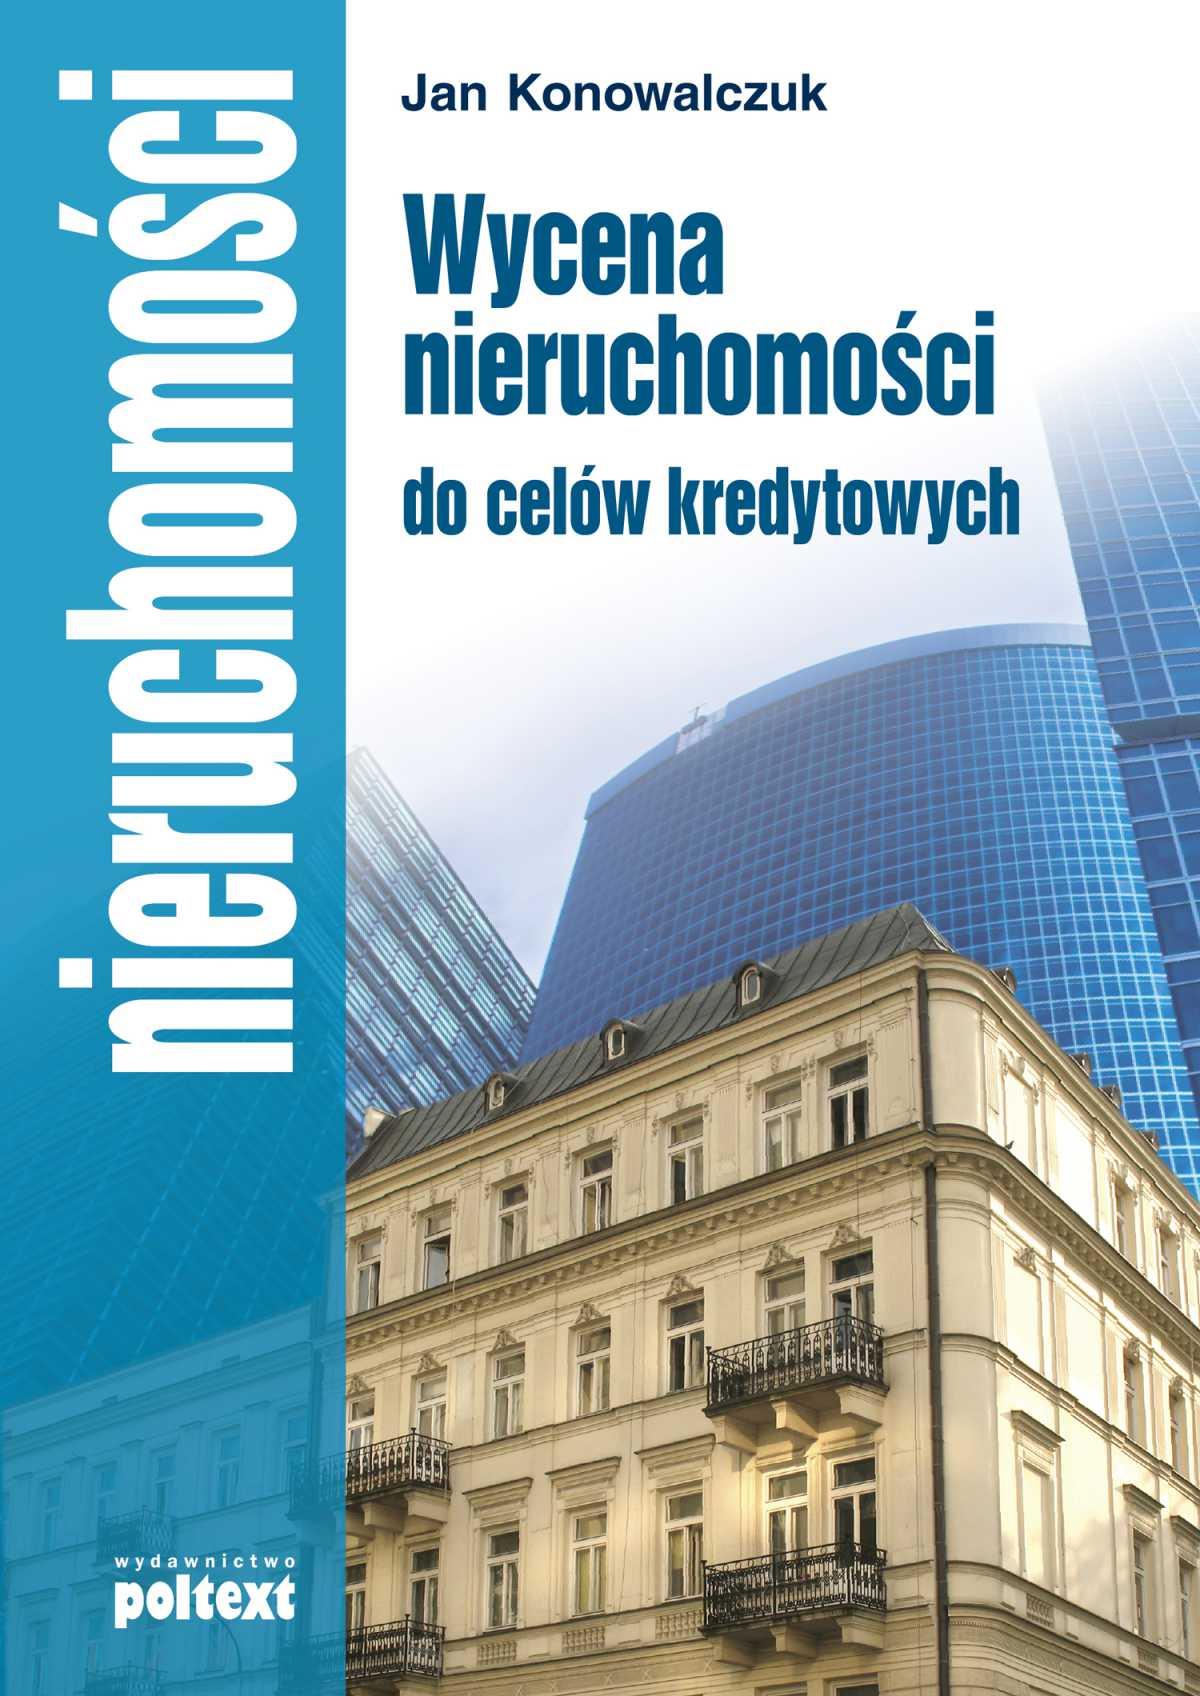 Wycena nieruchomości do celów kredytowych - Ebook (Książka EPUB) do pobrania w formacie EPUB